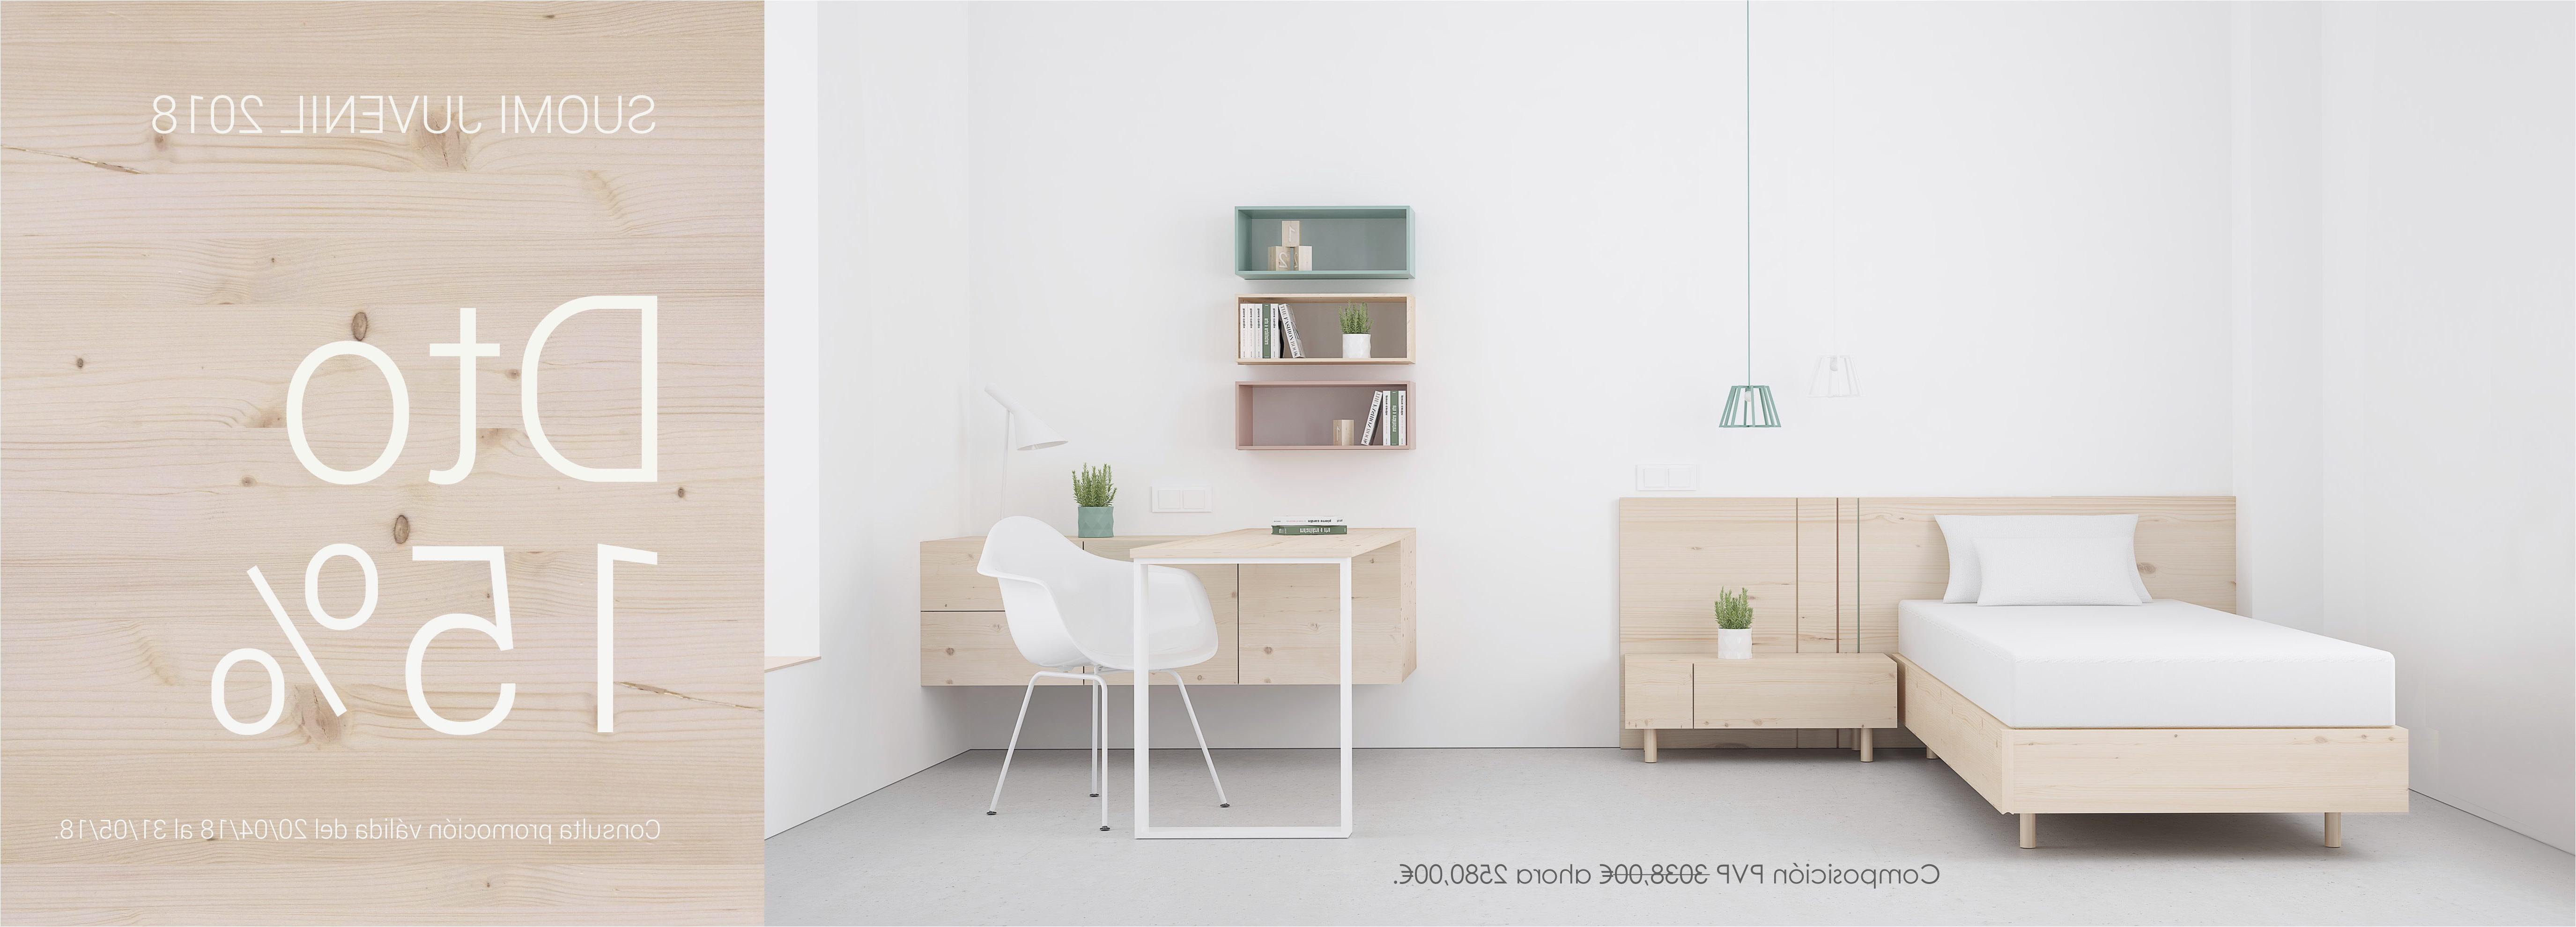 Muebles nordicos Modernos Tldn Lo Simpà Tico Muebles nordicos Modernos Hacia Maravilloso Muebles